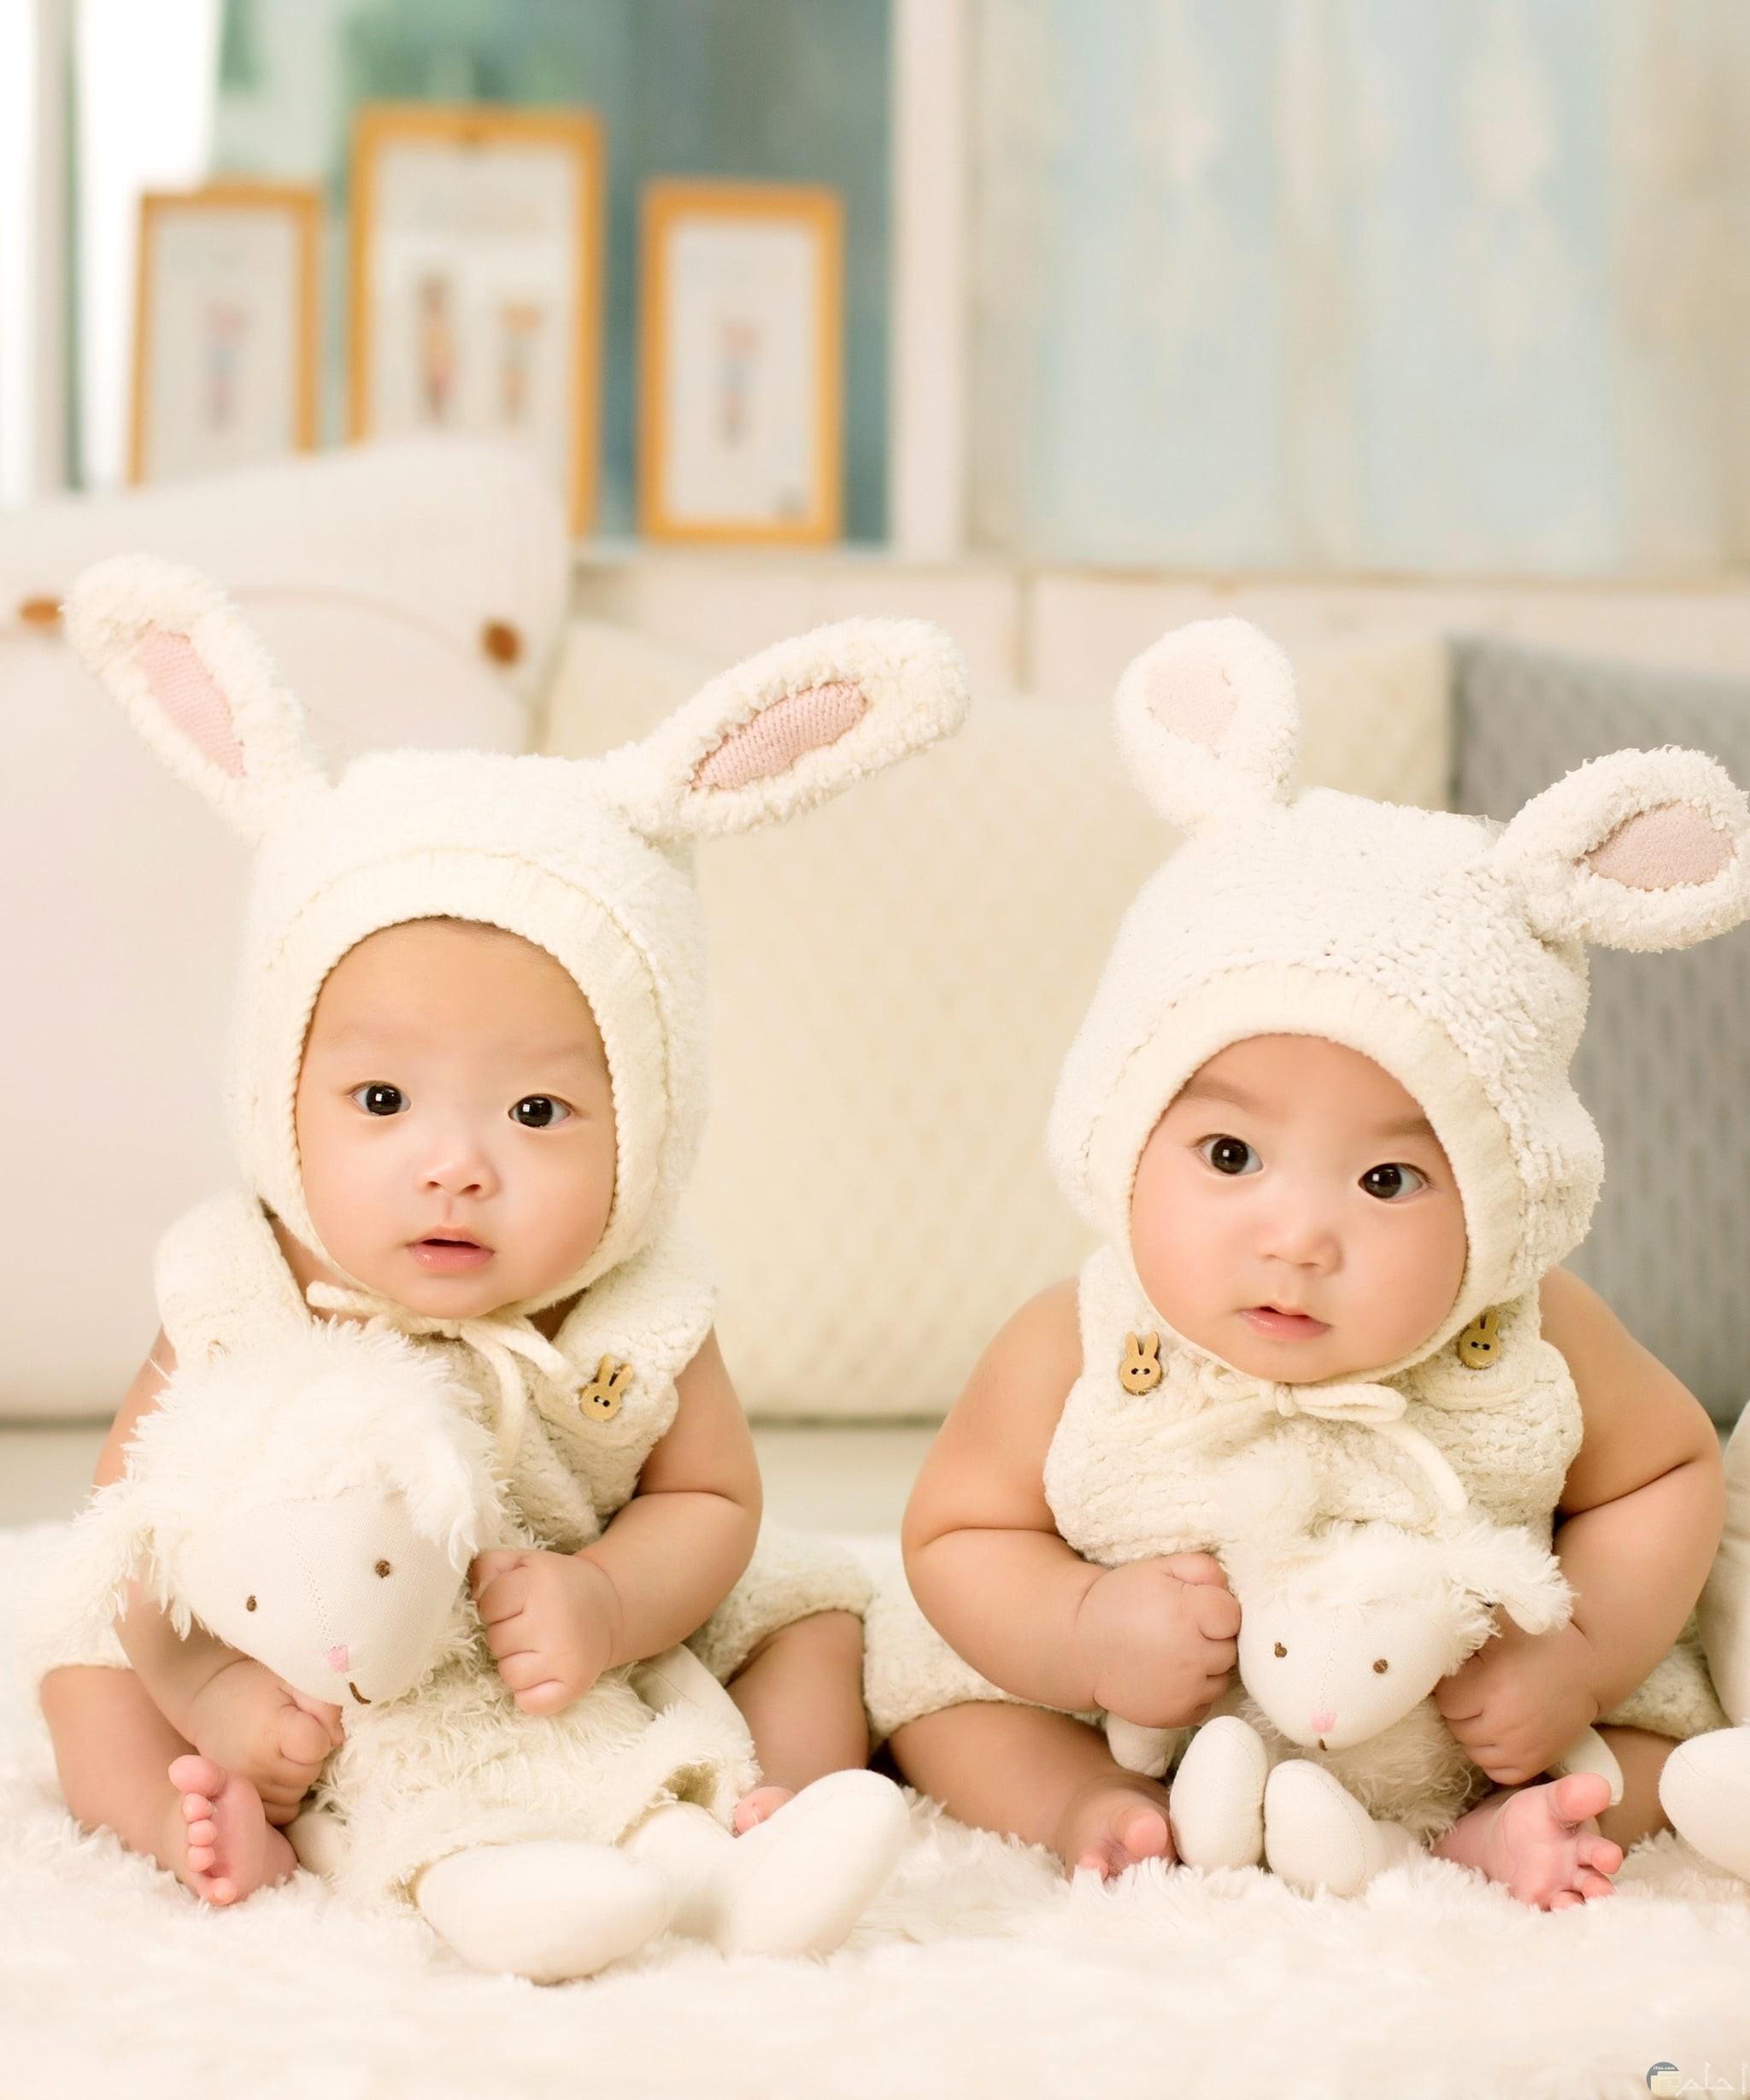 صور لأطفال صغار توائم كيوت يلبسون لبس أرنب جميل